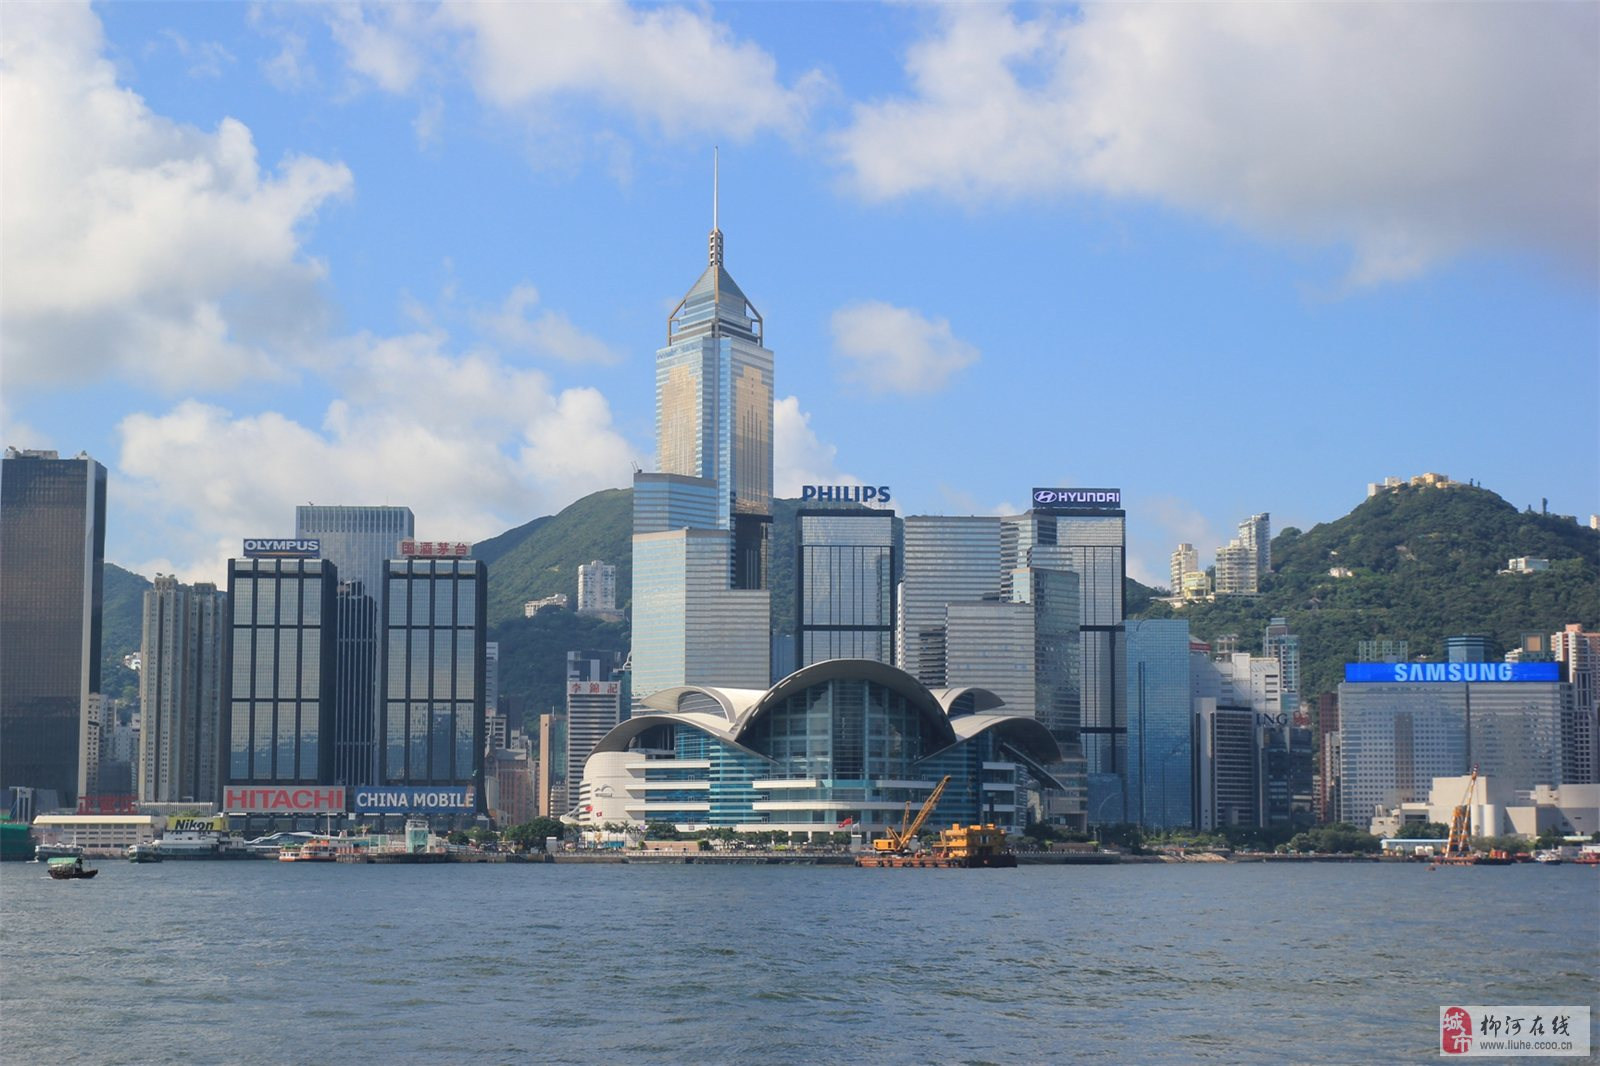 香港·维多利亚港_摄影天地_柳河论坛_柳河在线